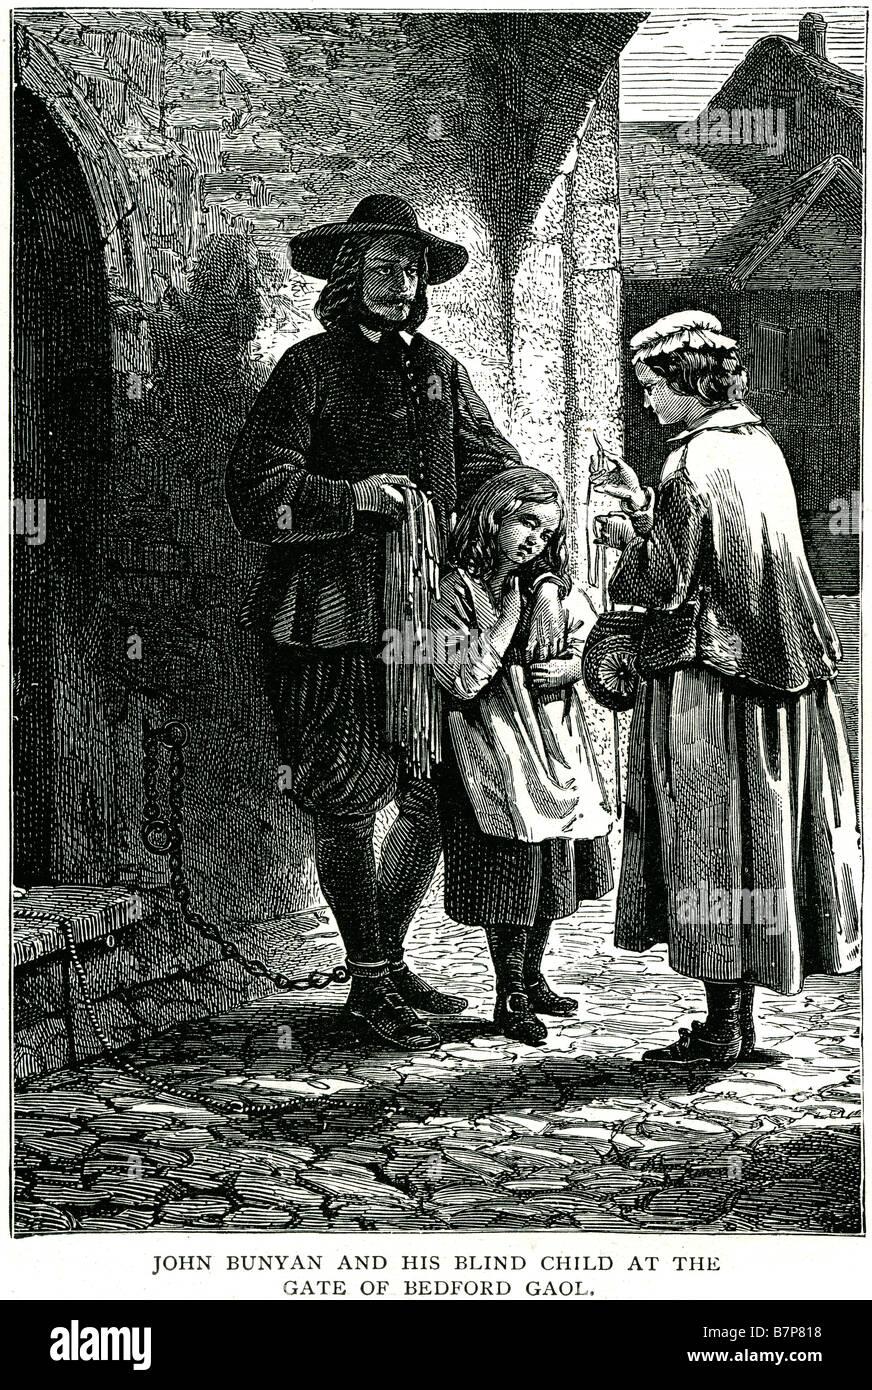 John Bunyan bedford porte son enfant aveugle prison Pilgrim's Progress English Christian street prisonnier enchaîné enfant mère man Banque D'Images